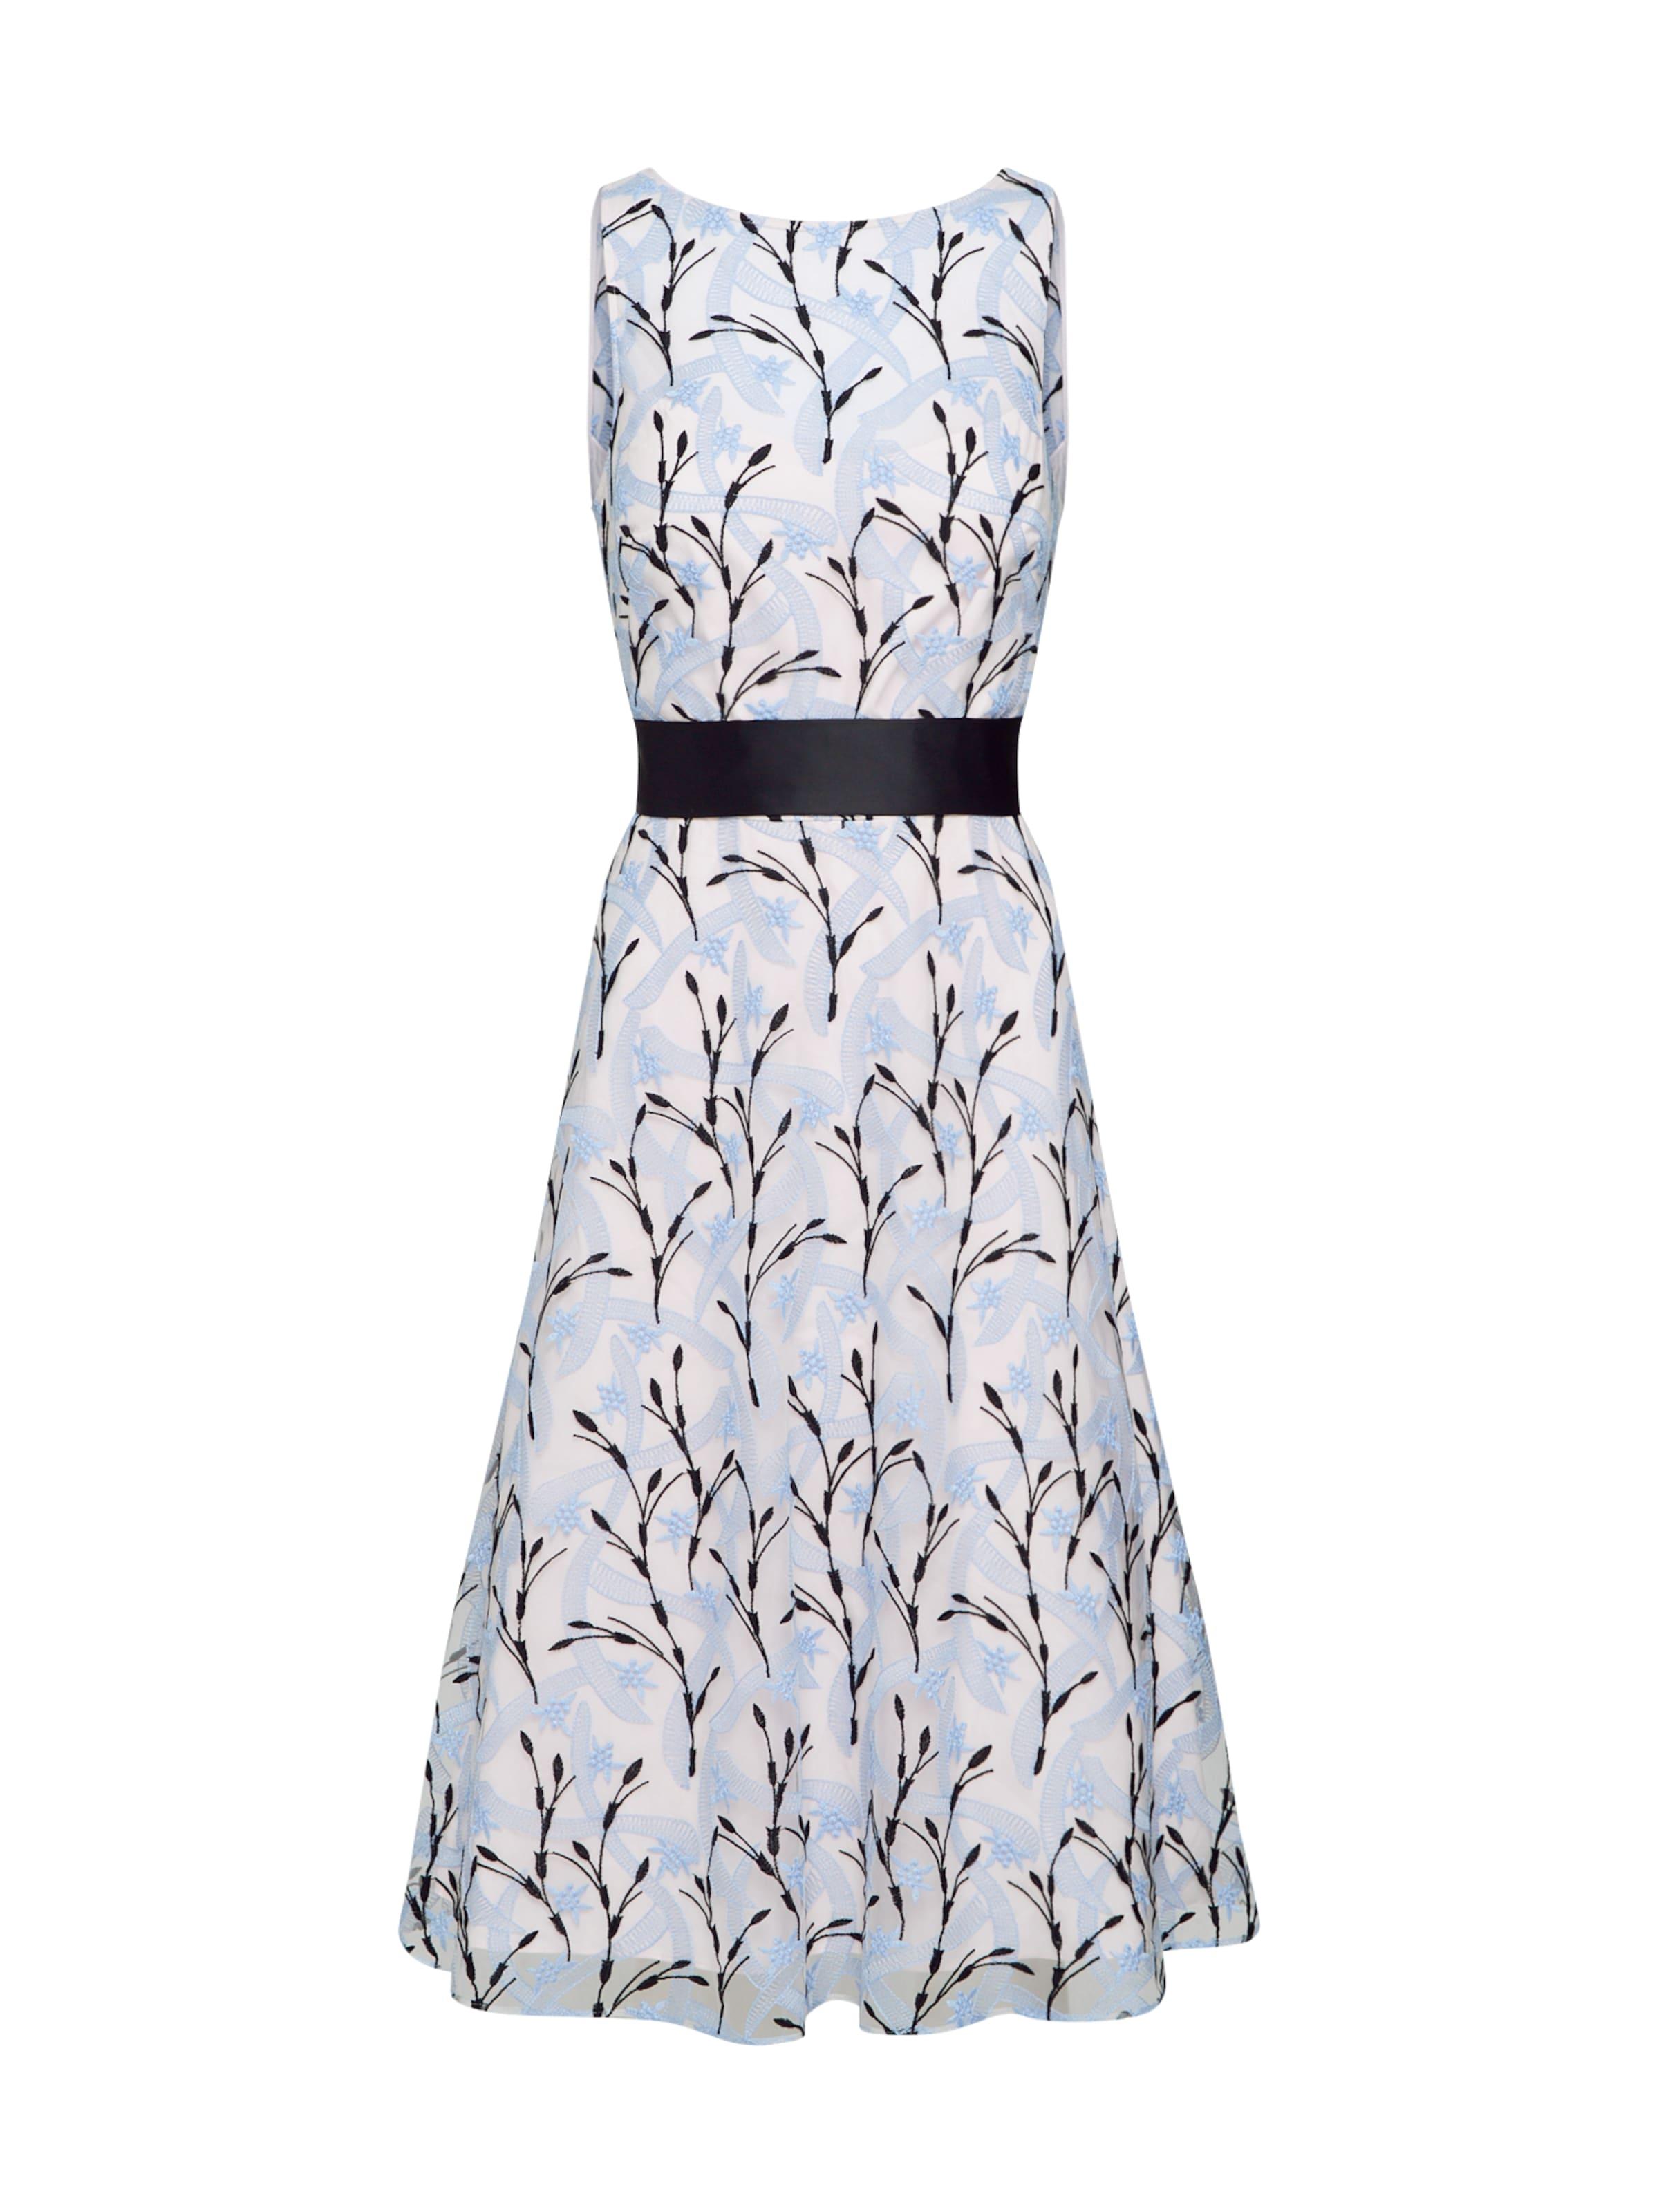 Robe En 'dante Coast Ivy Embroidered' Couleurs De ClairMélange Bleu f67ygb